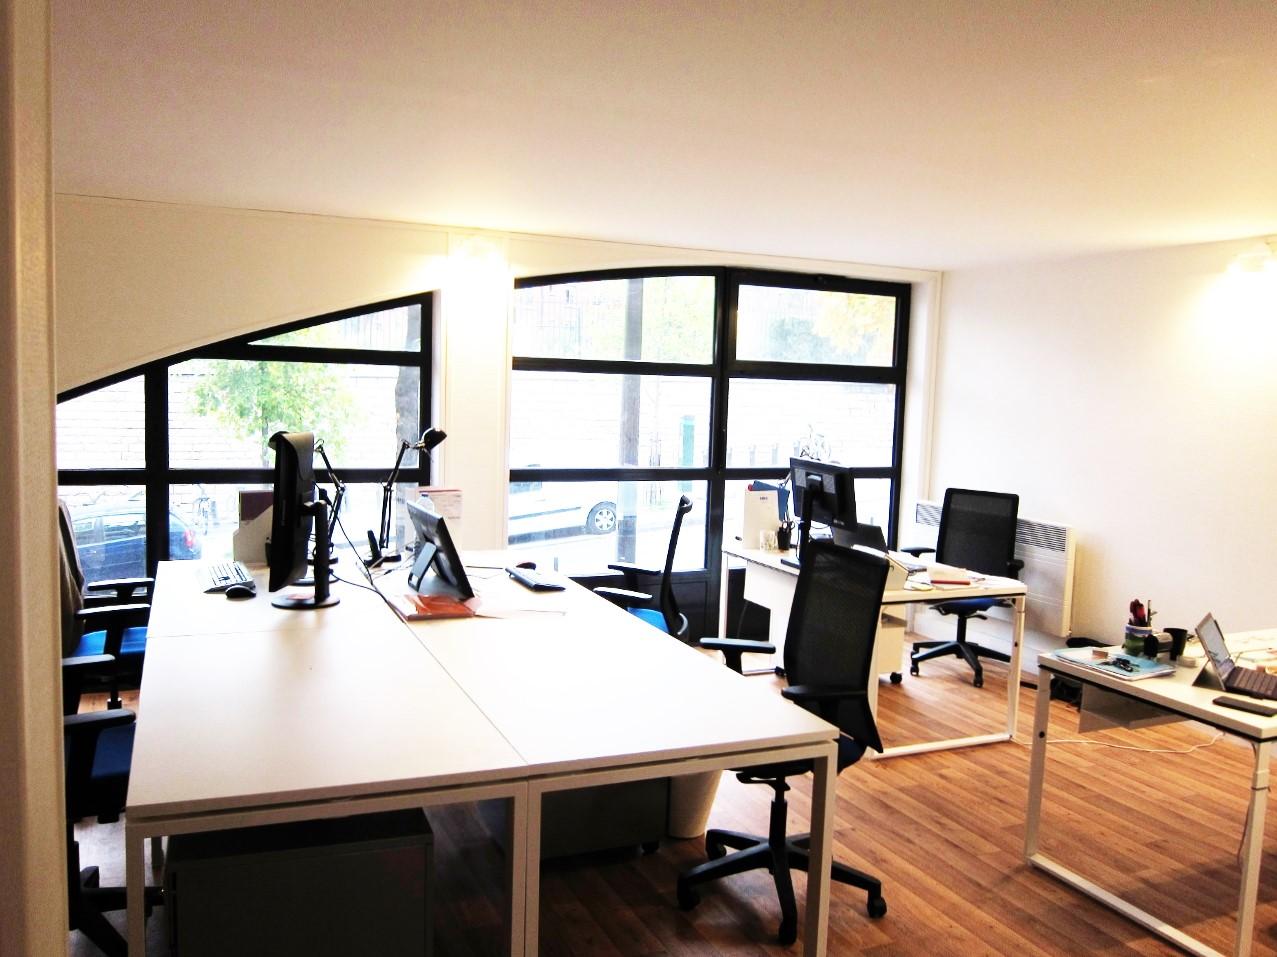 exemple am nagement aub 1 modifi adopte un bureau. Black Bedroom Furniture Sets. Home Design Ideas